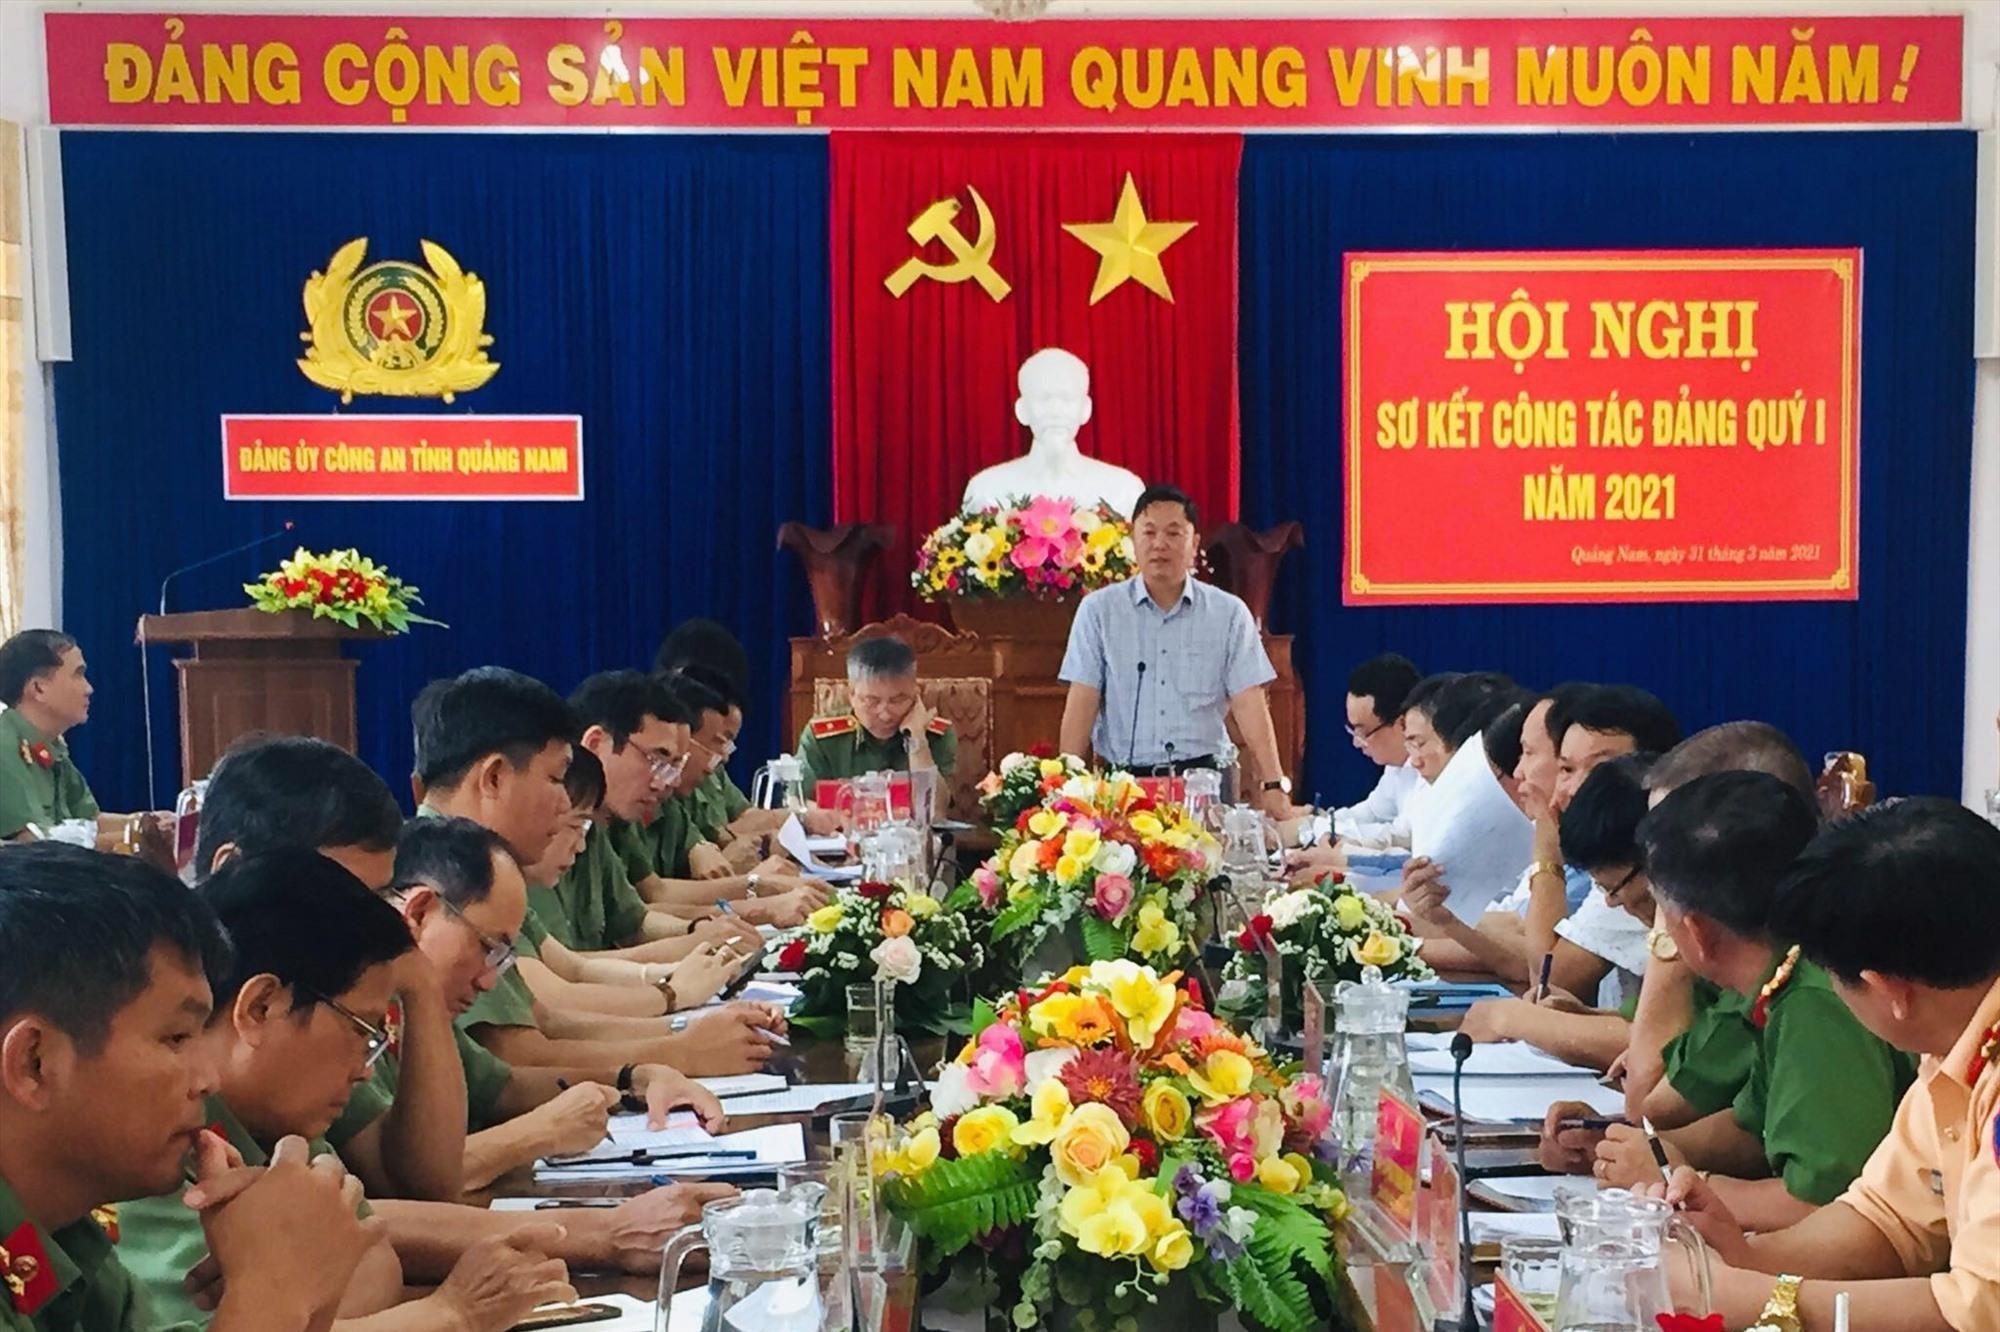 Đồng chí Lê Trí Thanh, Phó bí thư Tỉnh ủy, Chủ tịch UBND tỉnh phát biểu chỉ đạo tại Hội nghị.